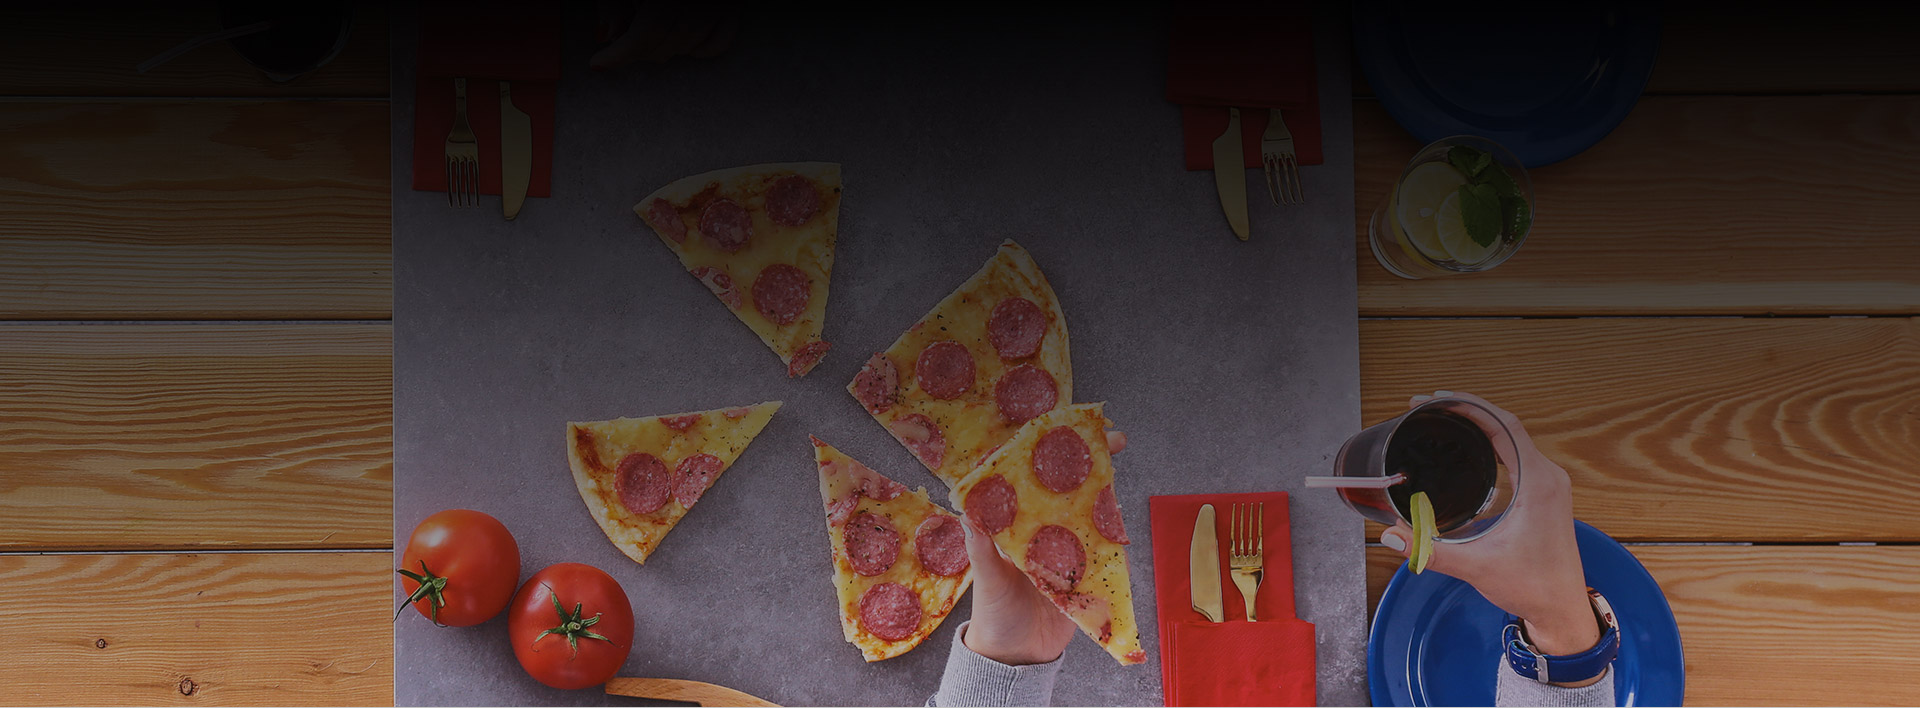 pizzeria-la-grenouille-nos-boissons